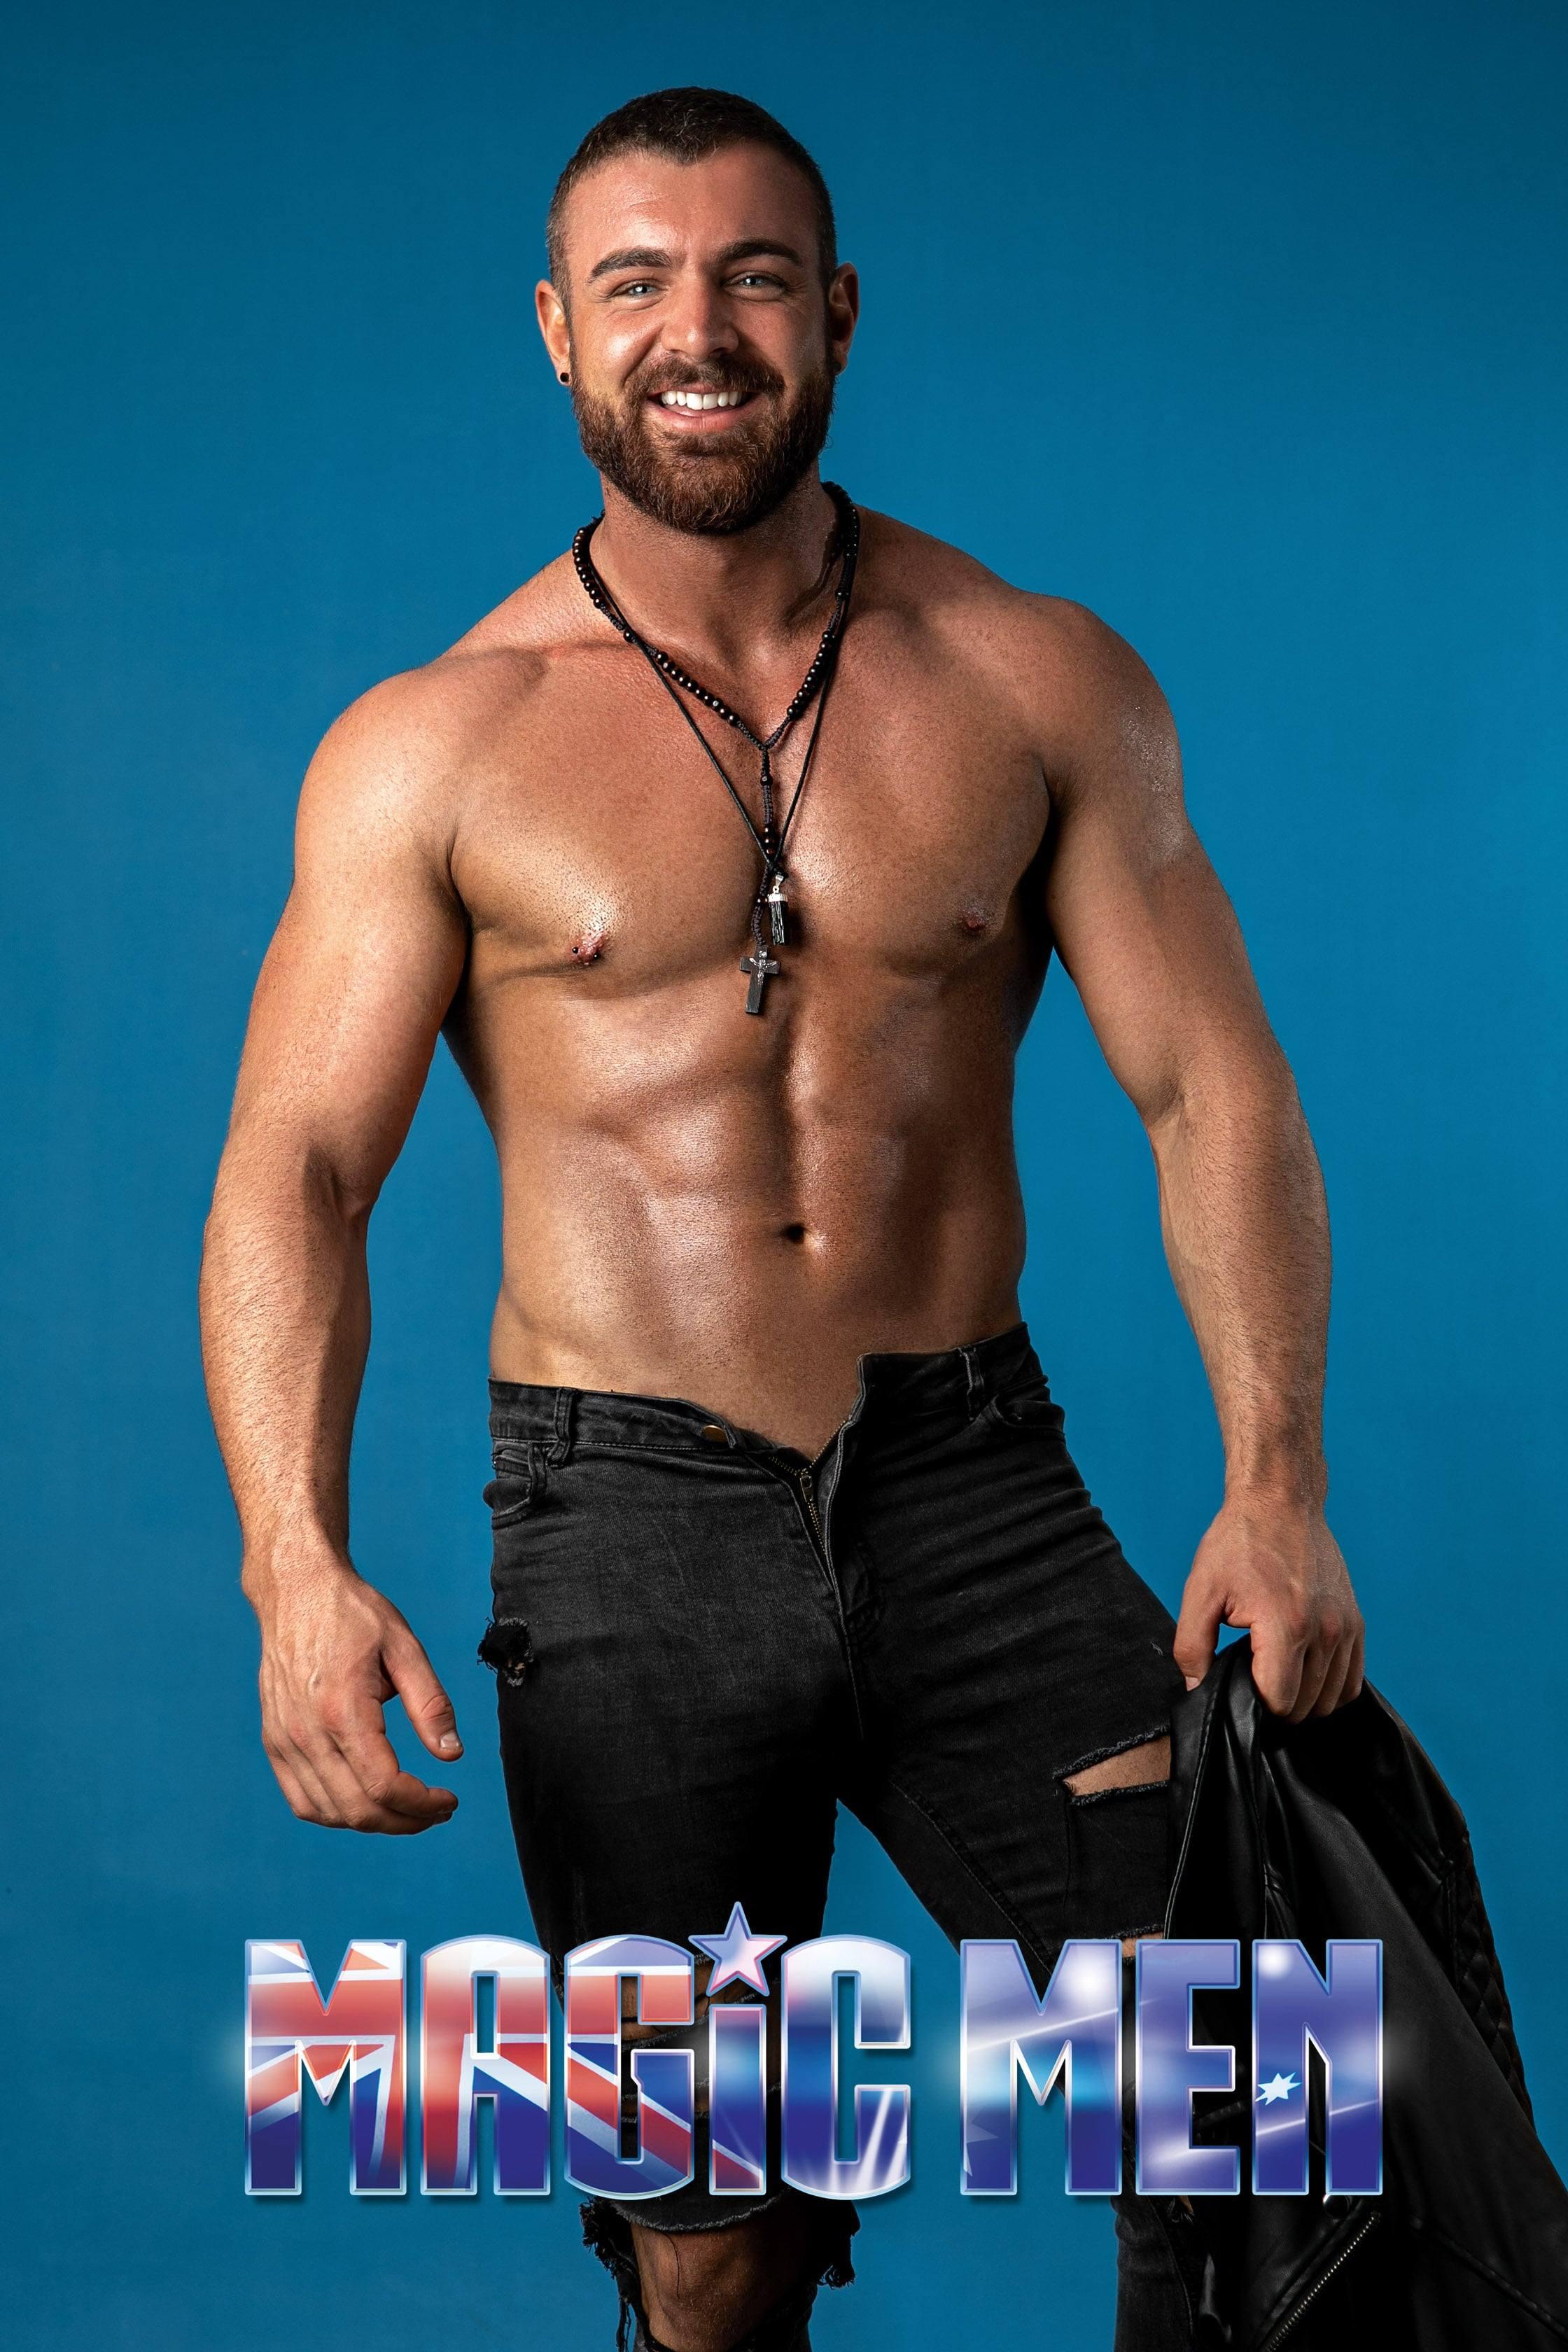 Victoria-Male-Stripper-Leon-Melbourne-Magic-Men-Australia